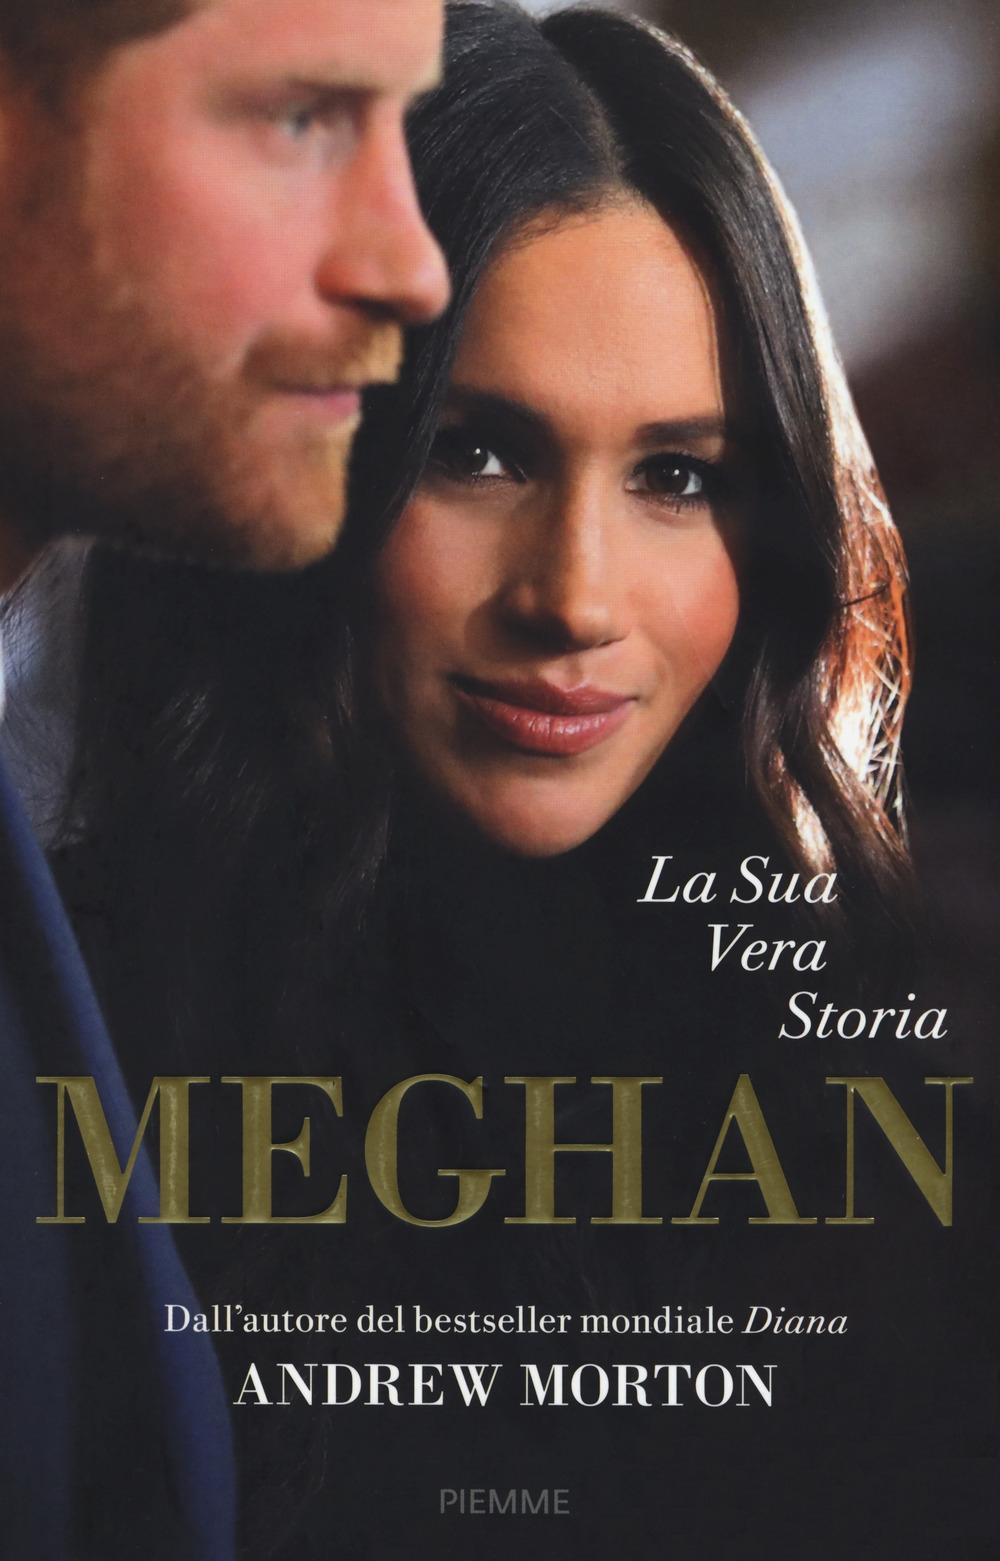 Meghan. La sua vera storia